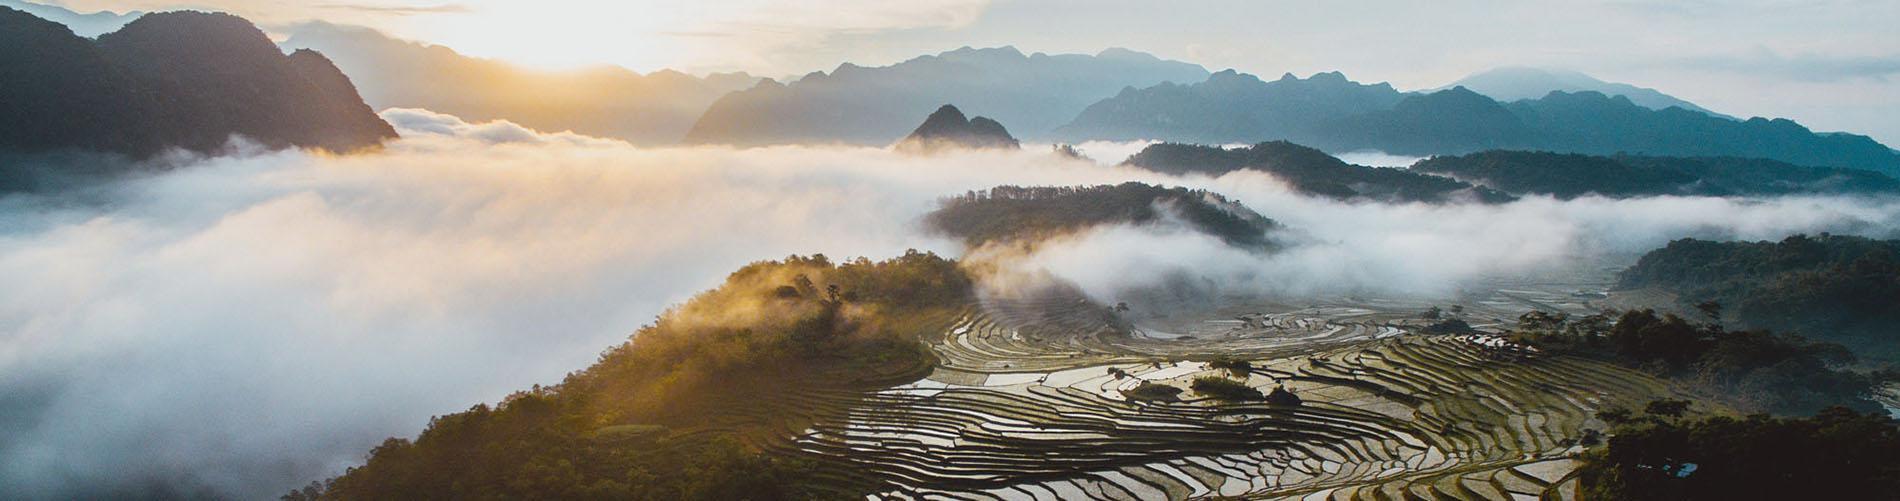 Mai Chau - Pu Luong Tours